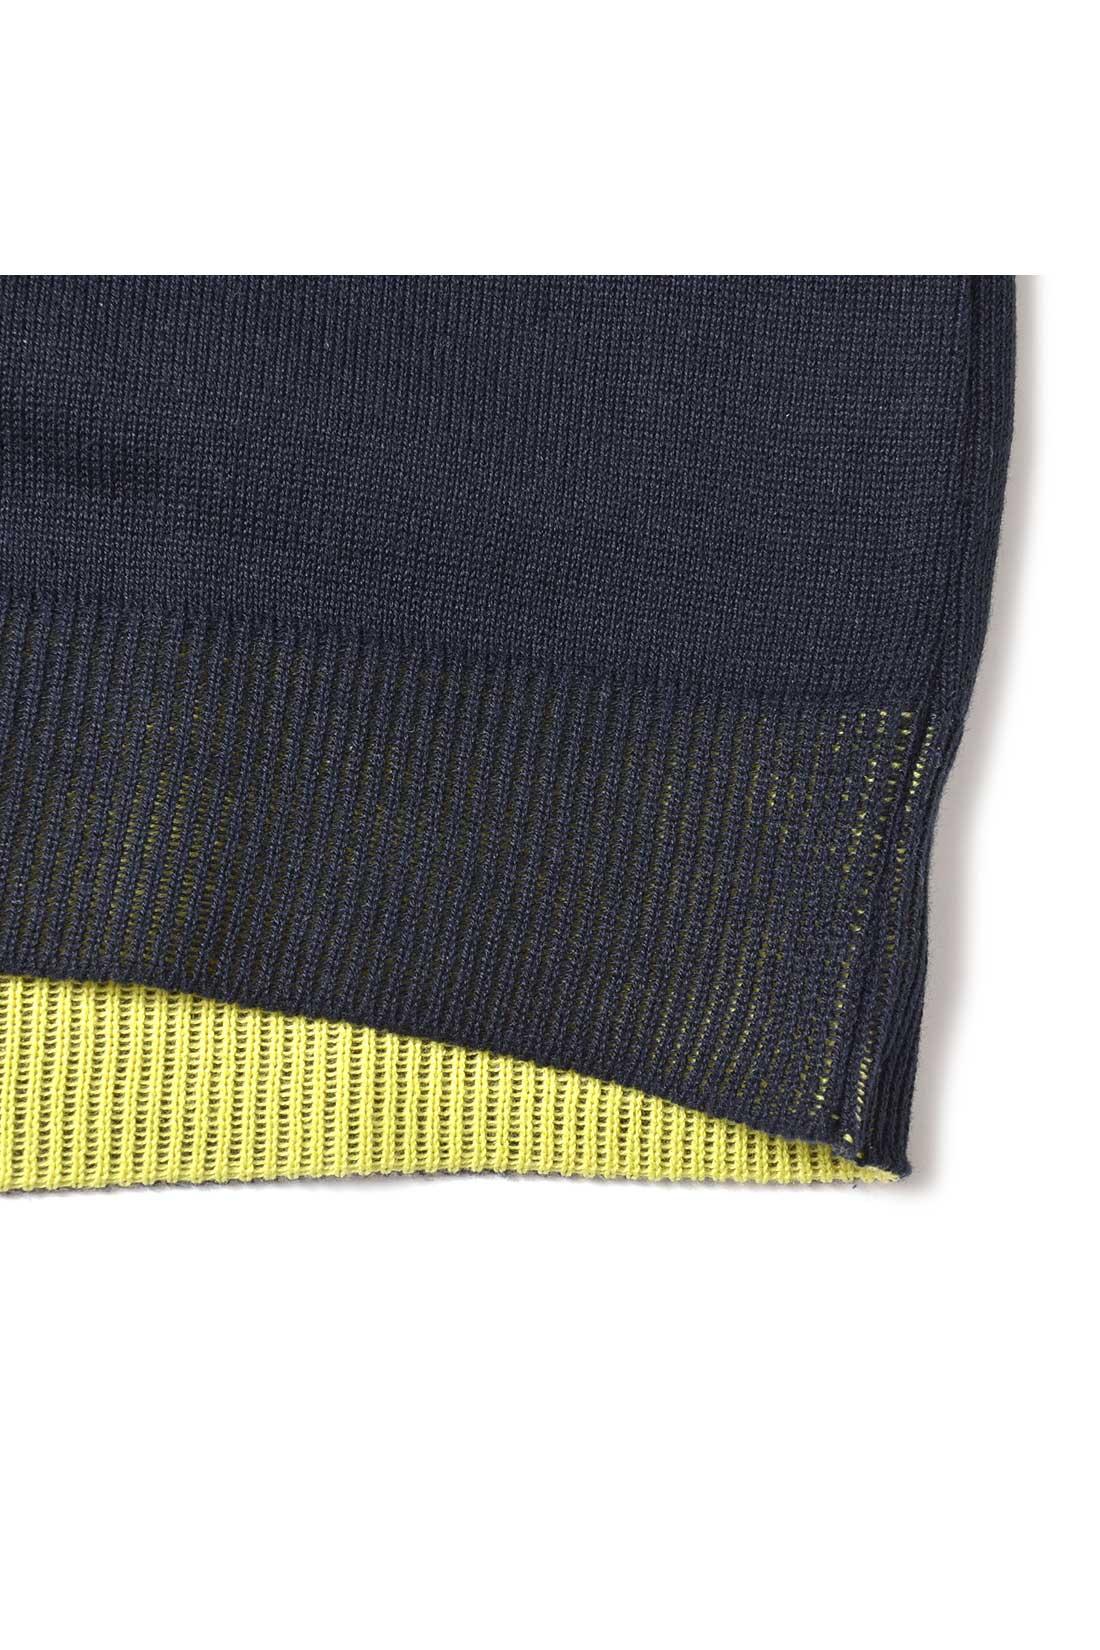 袖とすその内側は、配色遣いにしています。見えないところもこだわって。